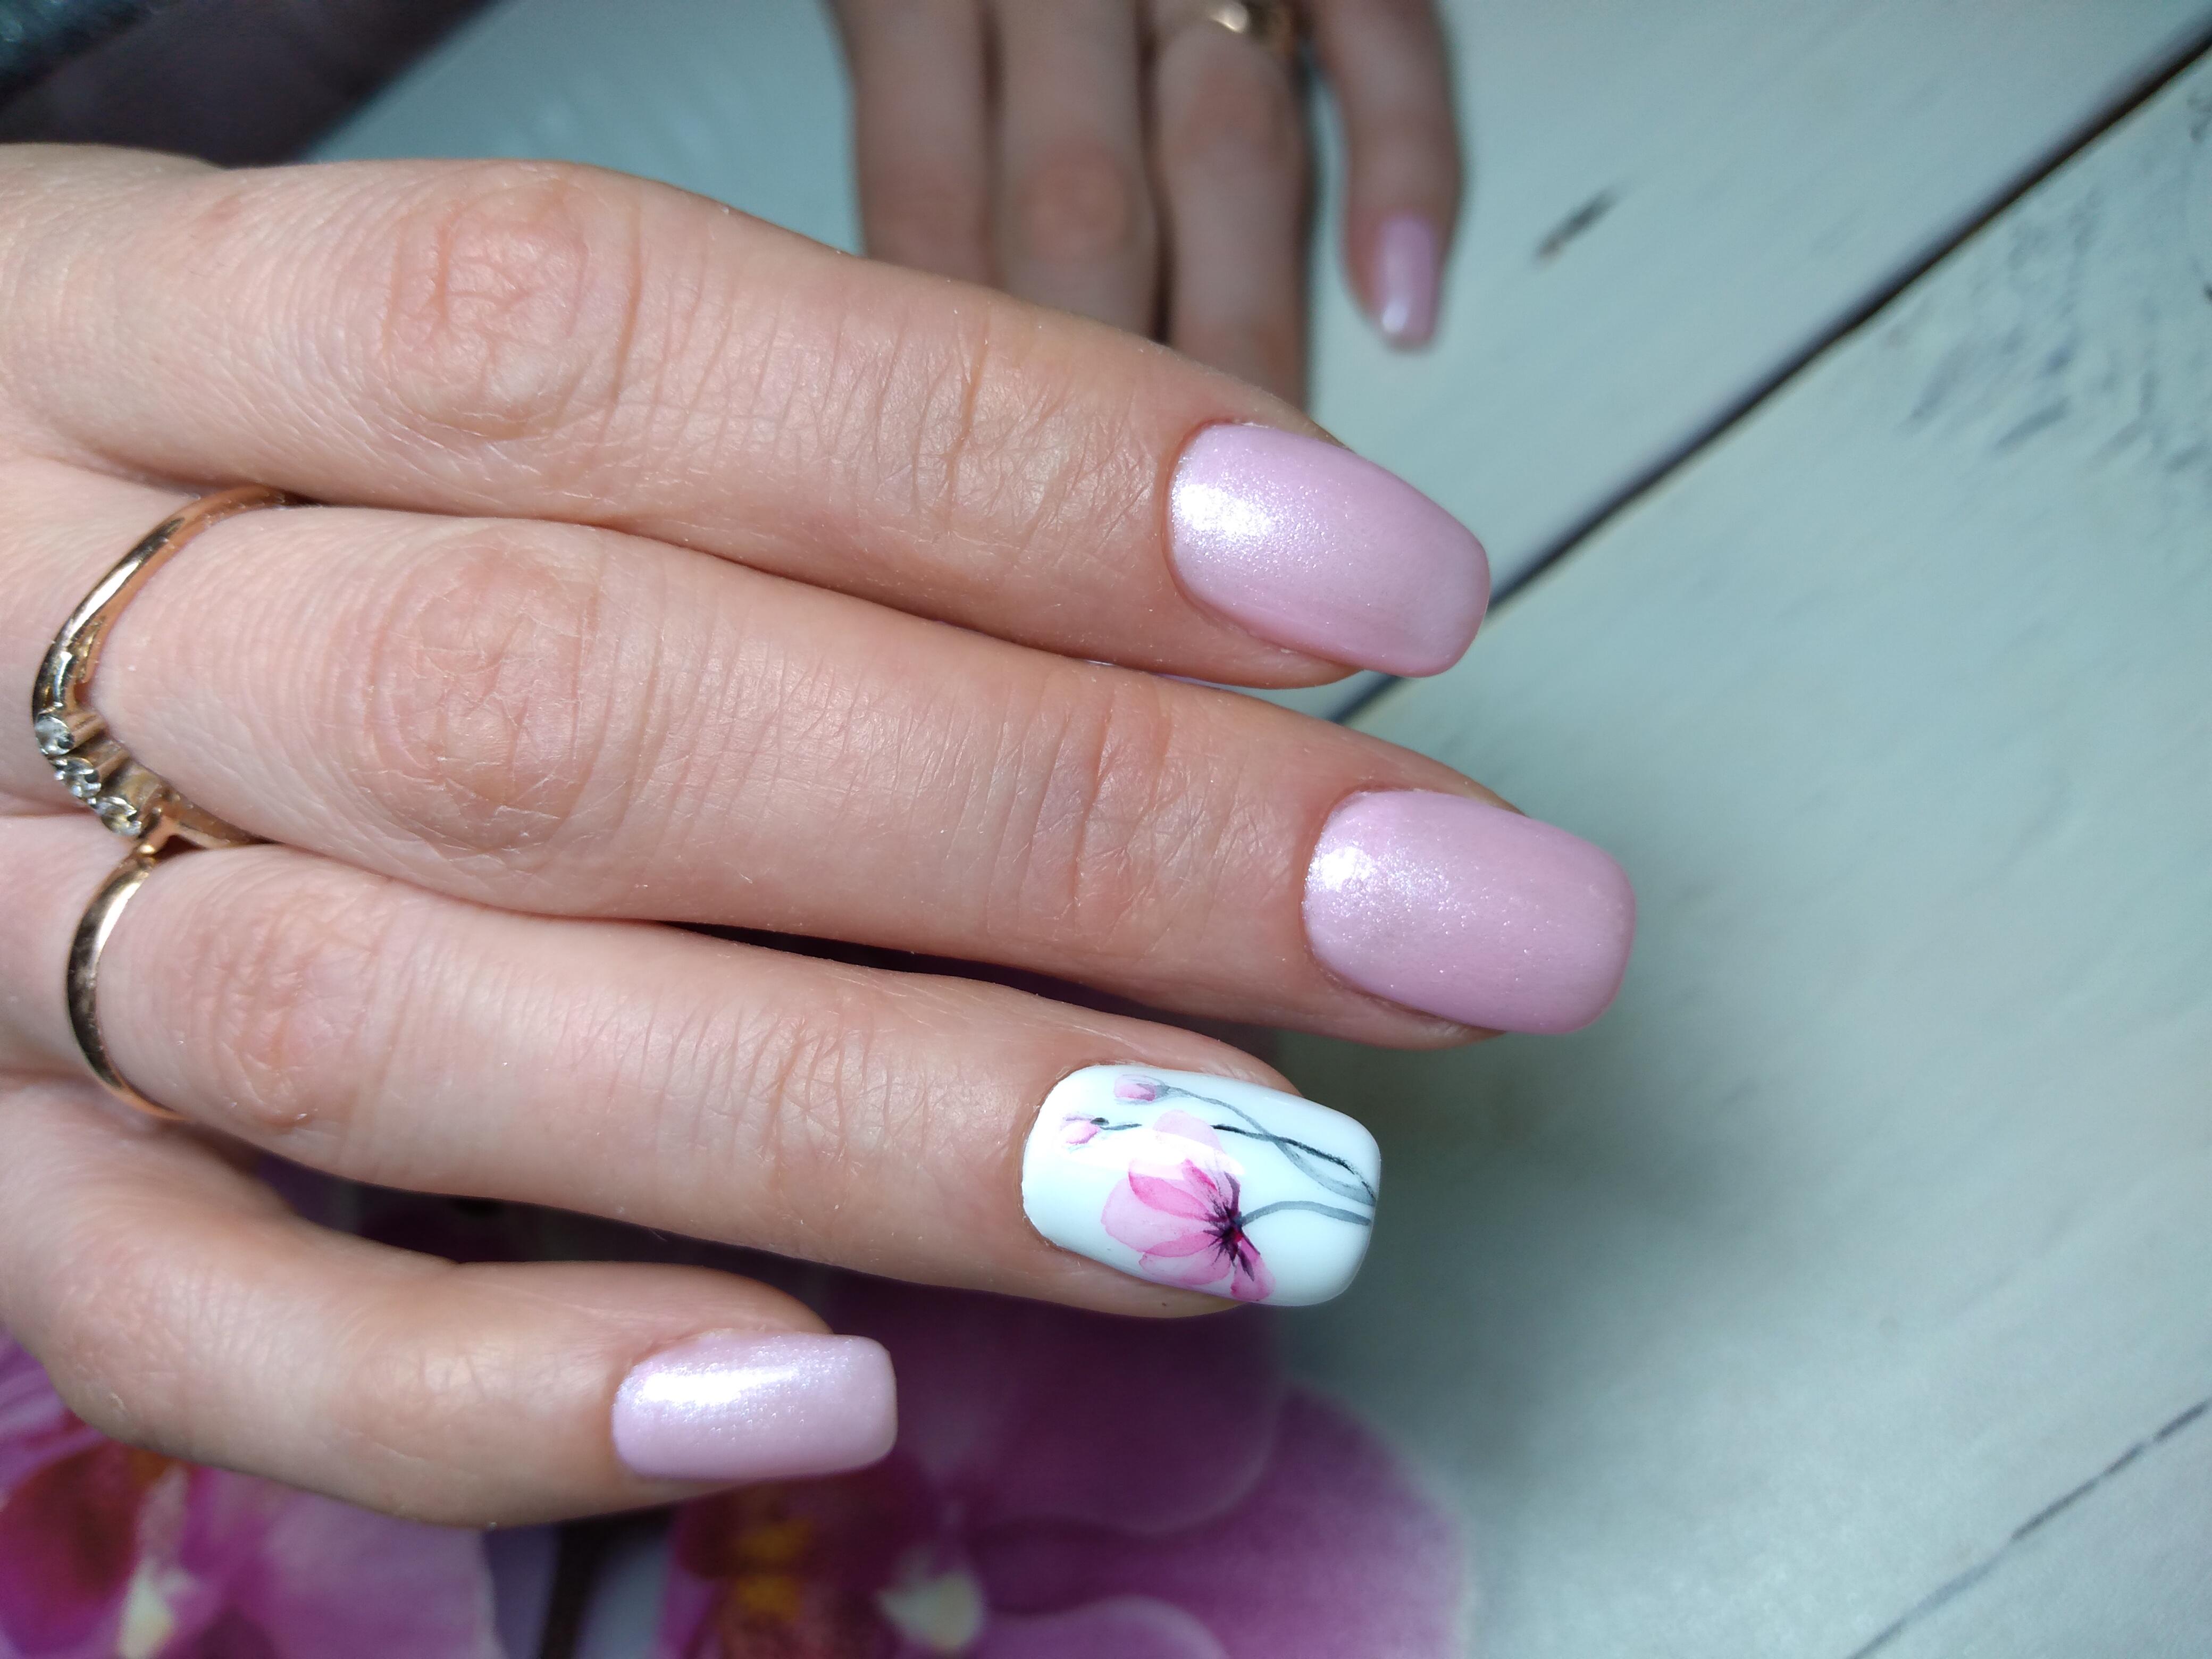 Блестящий маникюр в нежно-розовом цвете с акварельным рисунком цветка.